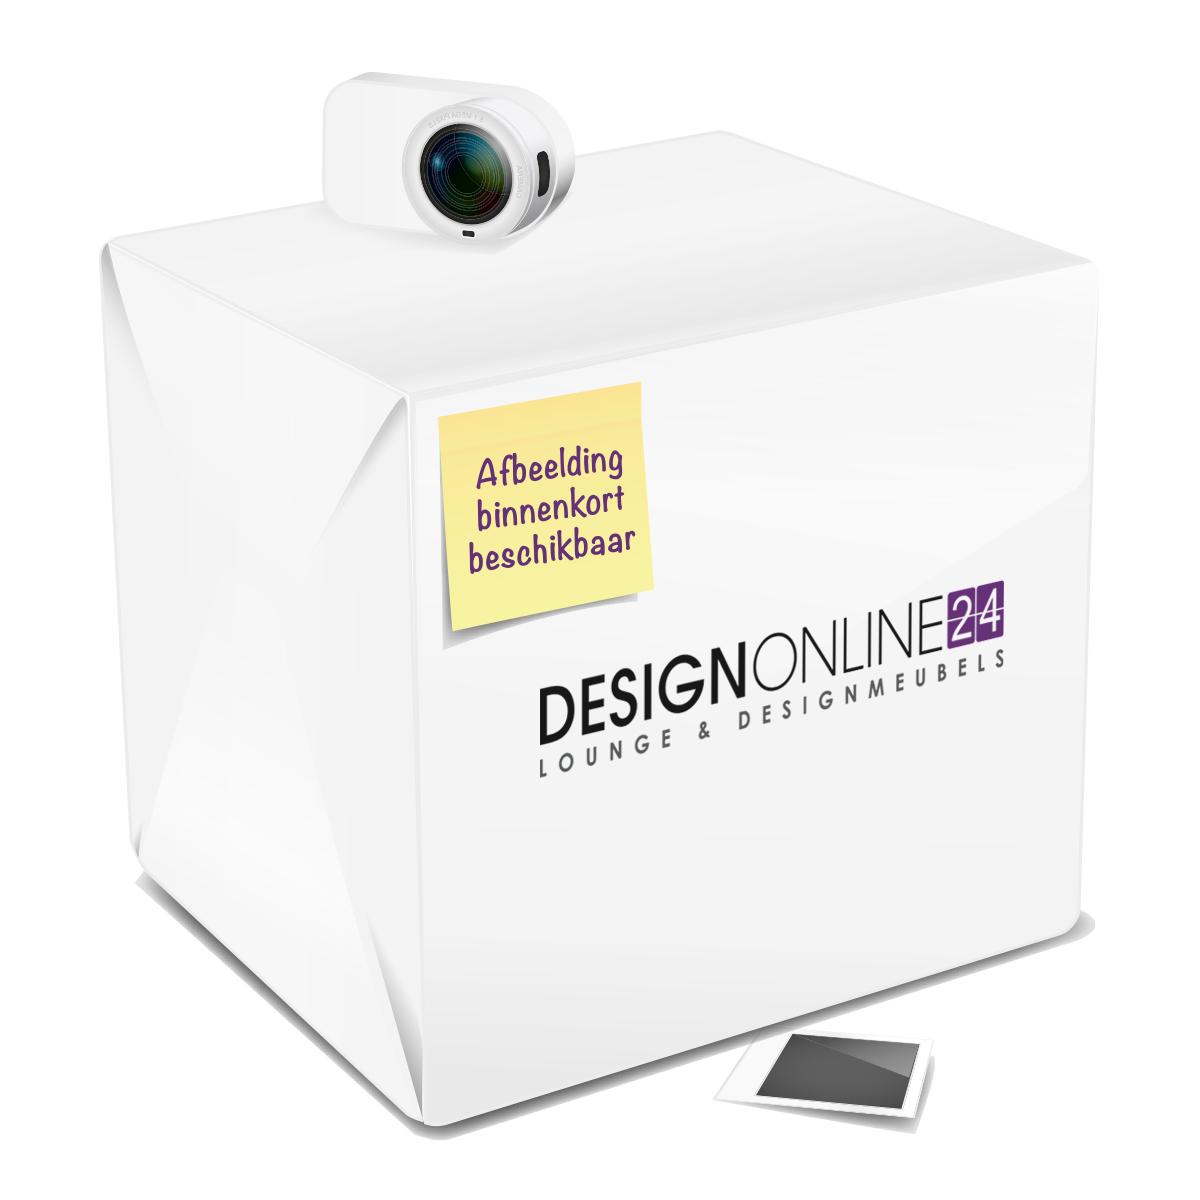 24Designs 24Designs Loungeset voor 5 Personen - Marina L - Parelwit Polyrattan Wicker met Donkergrijze kussens